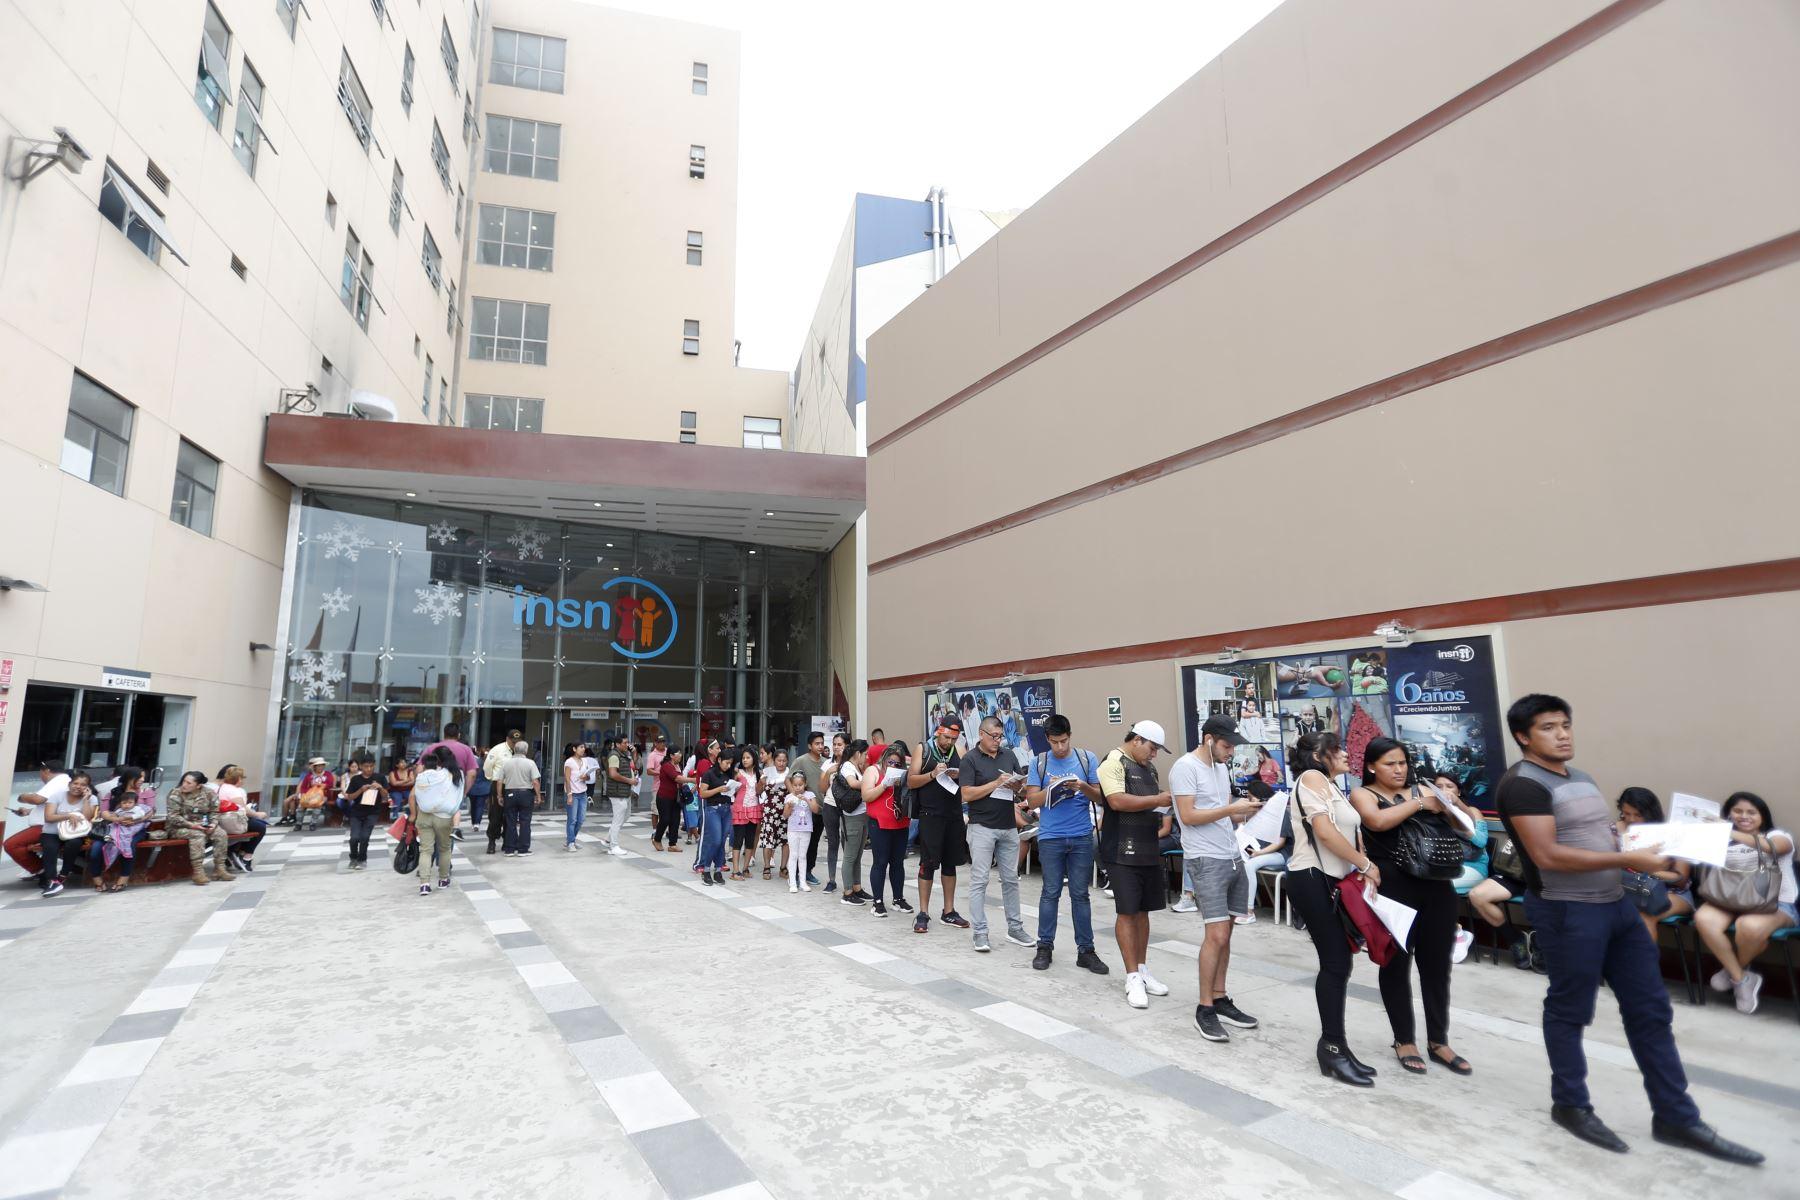 Cientos de personas continuan llegando al Hospital del Niño San Borja para colaborar con la donación de sangre para las víctimas de Villa el Salvador. Foto: ANDINA/Renato Pajuelo